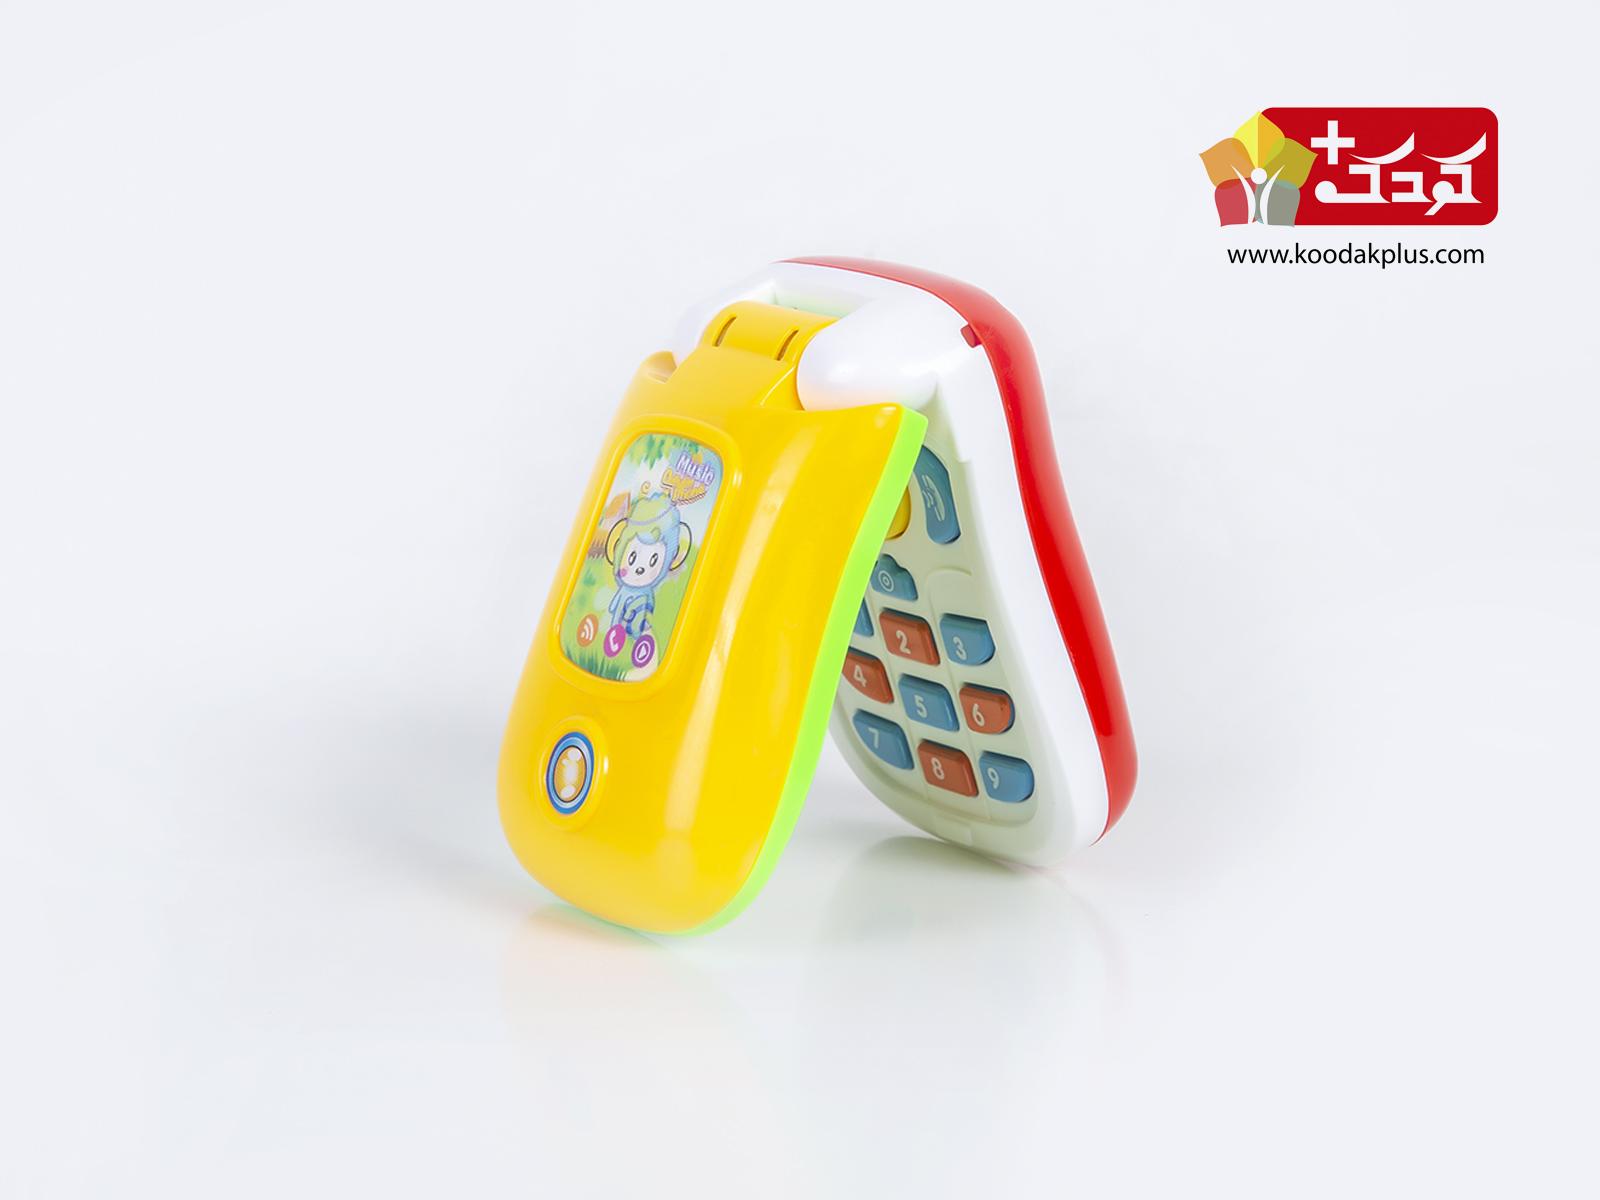 موبایل تاشو اسباب بازی مدل 1013